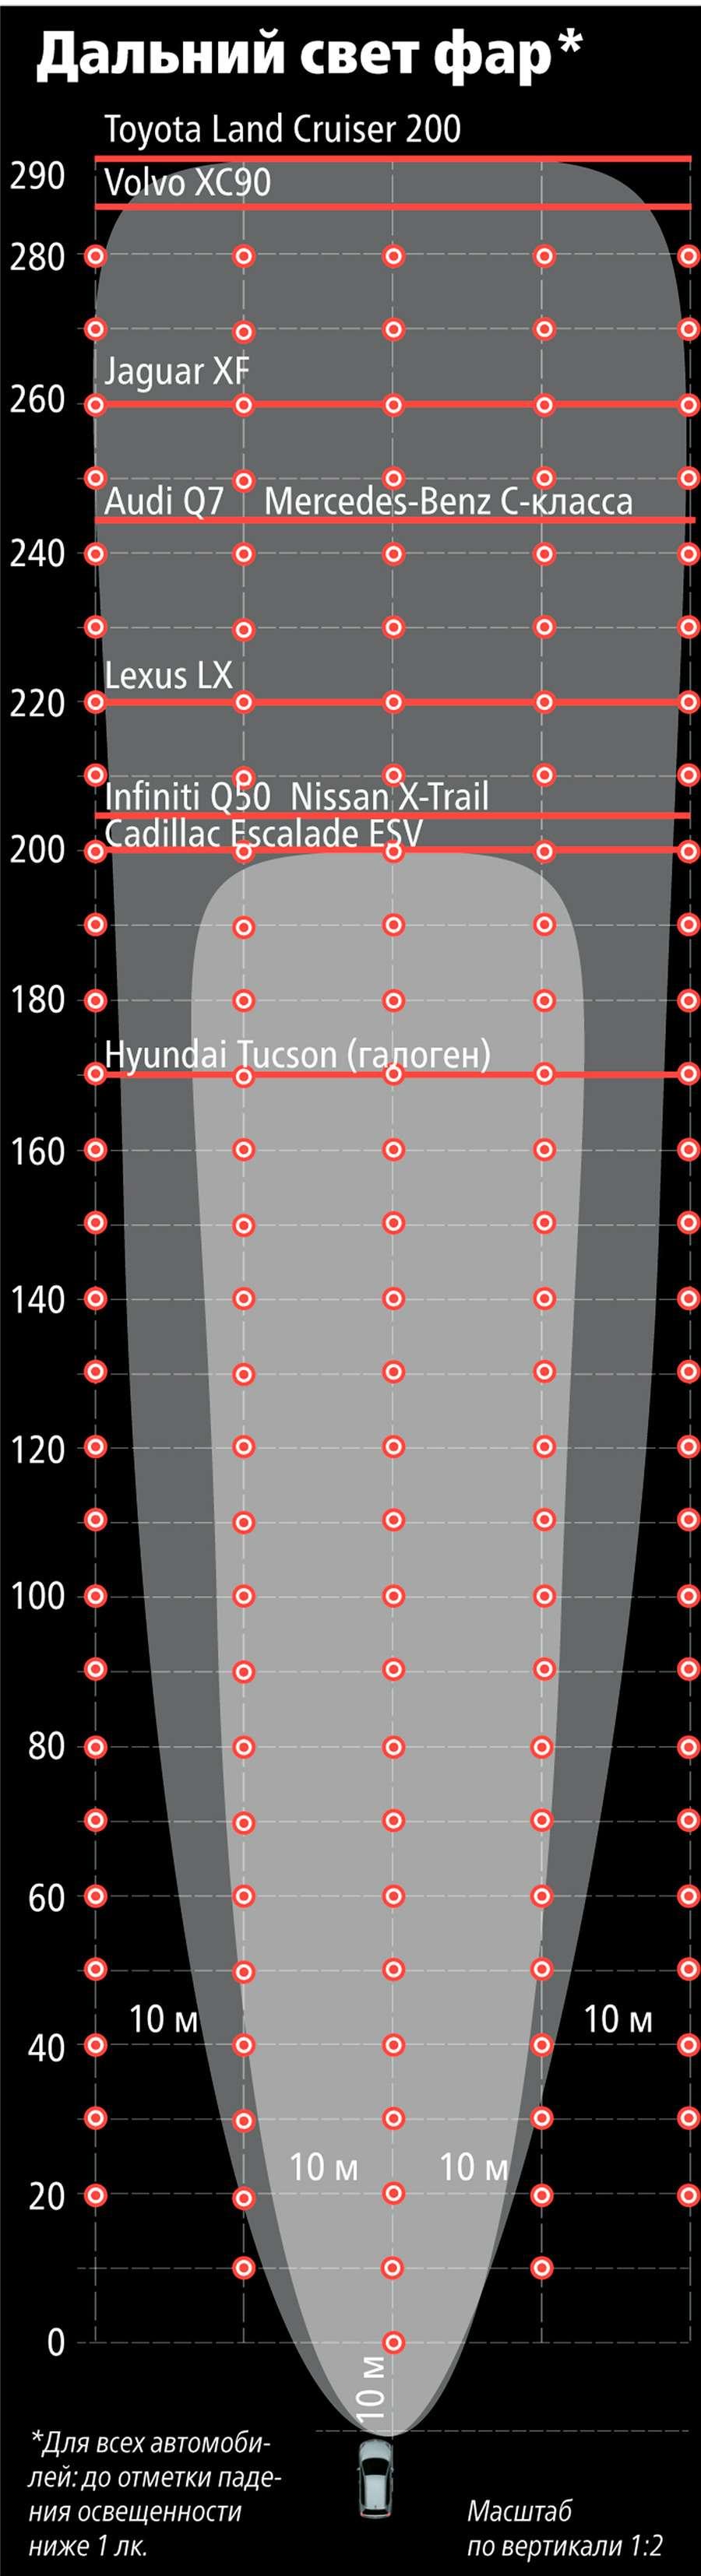 Супертест светодиодных фар: какая из10машин заглянет дальше?— фото 601112